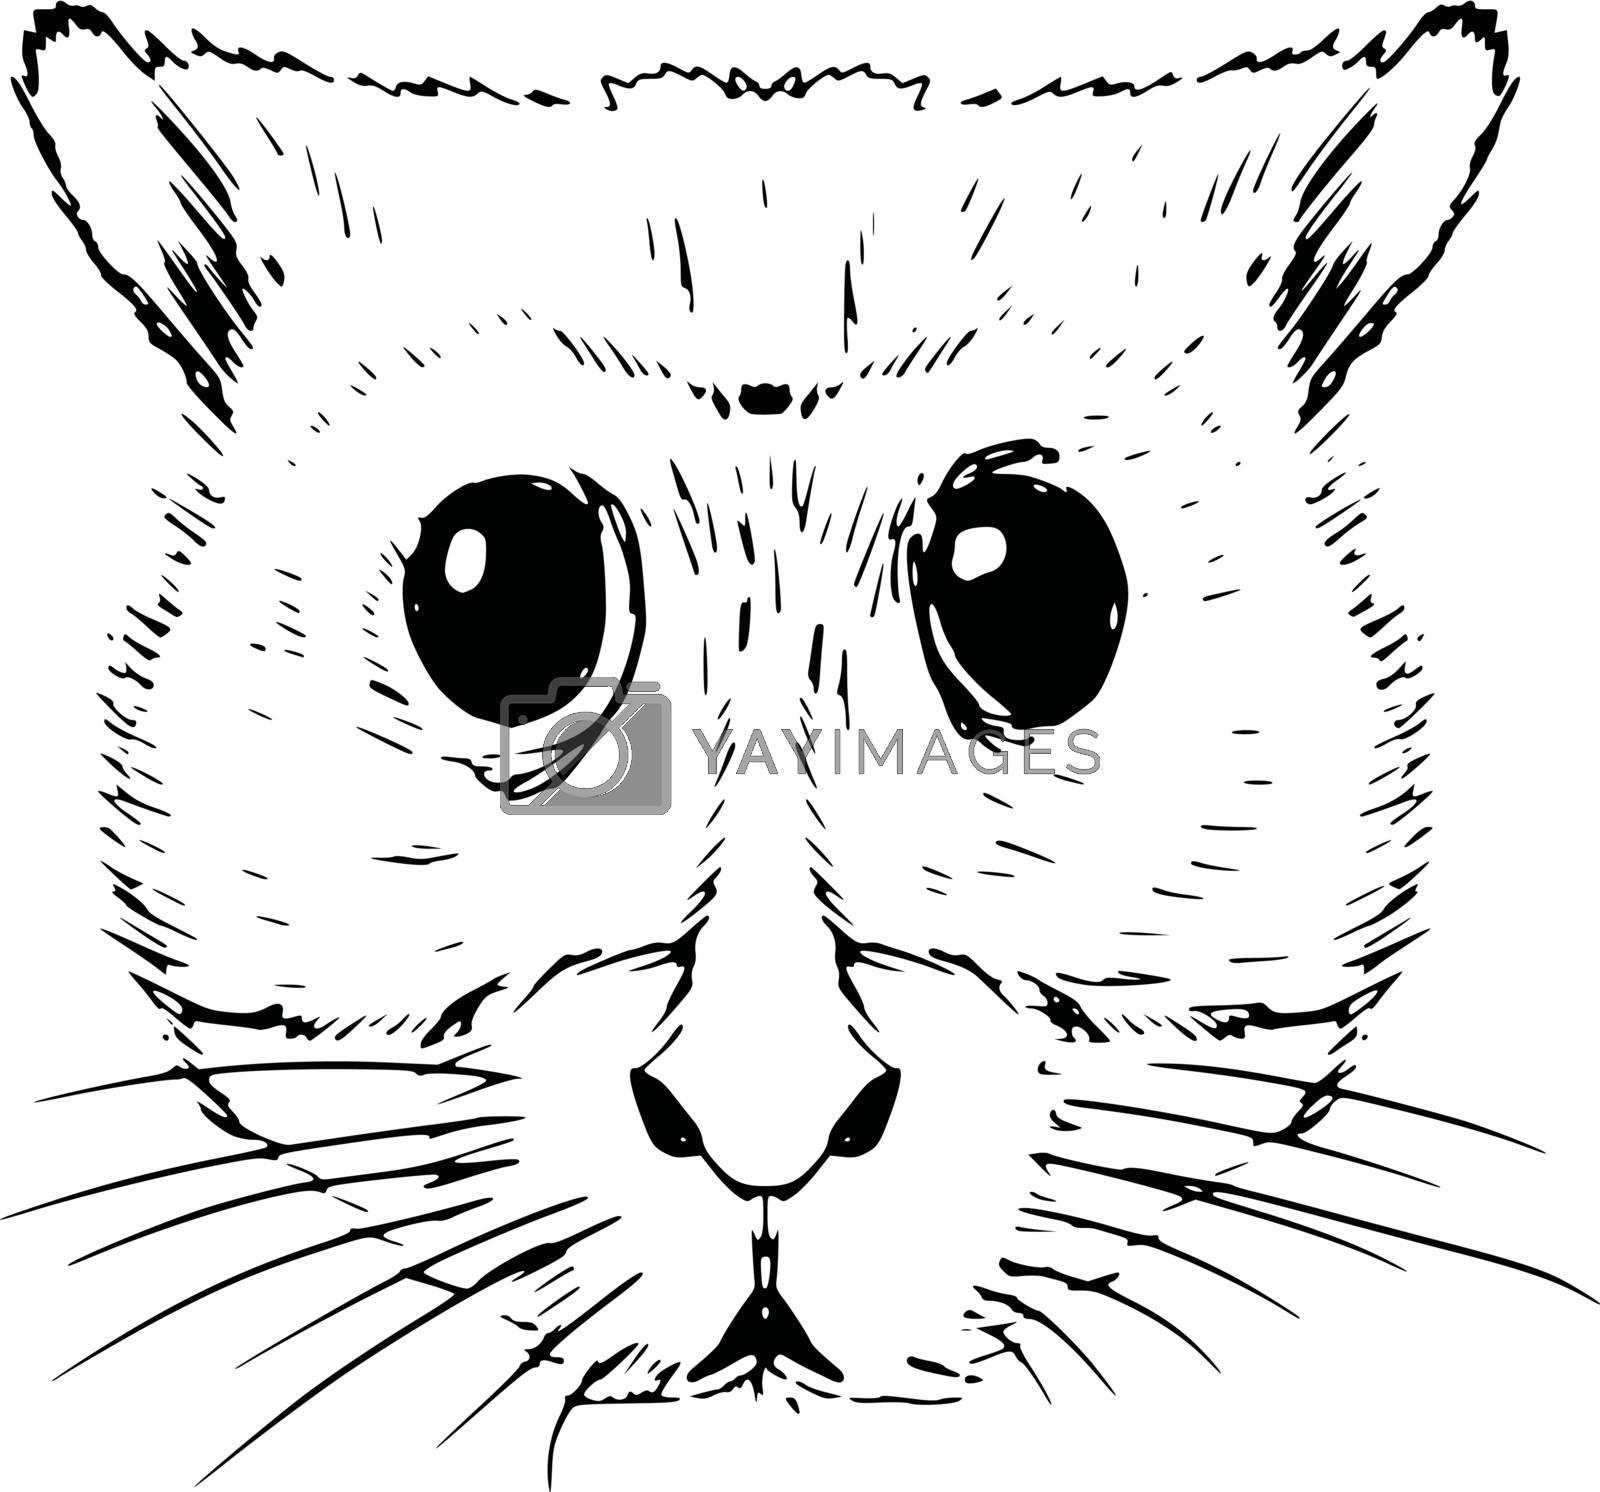 hand drawn, sketch, cartoon illustration of hamster